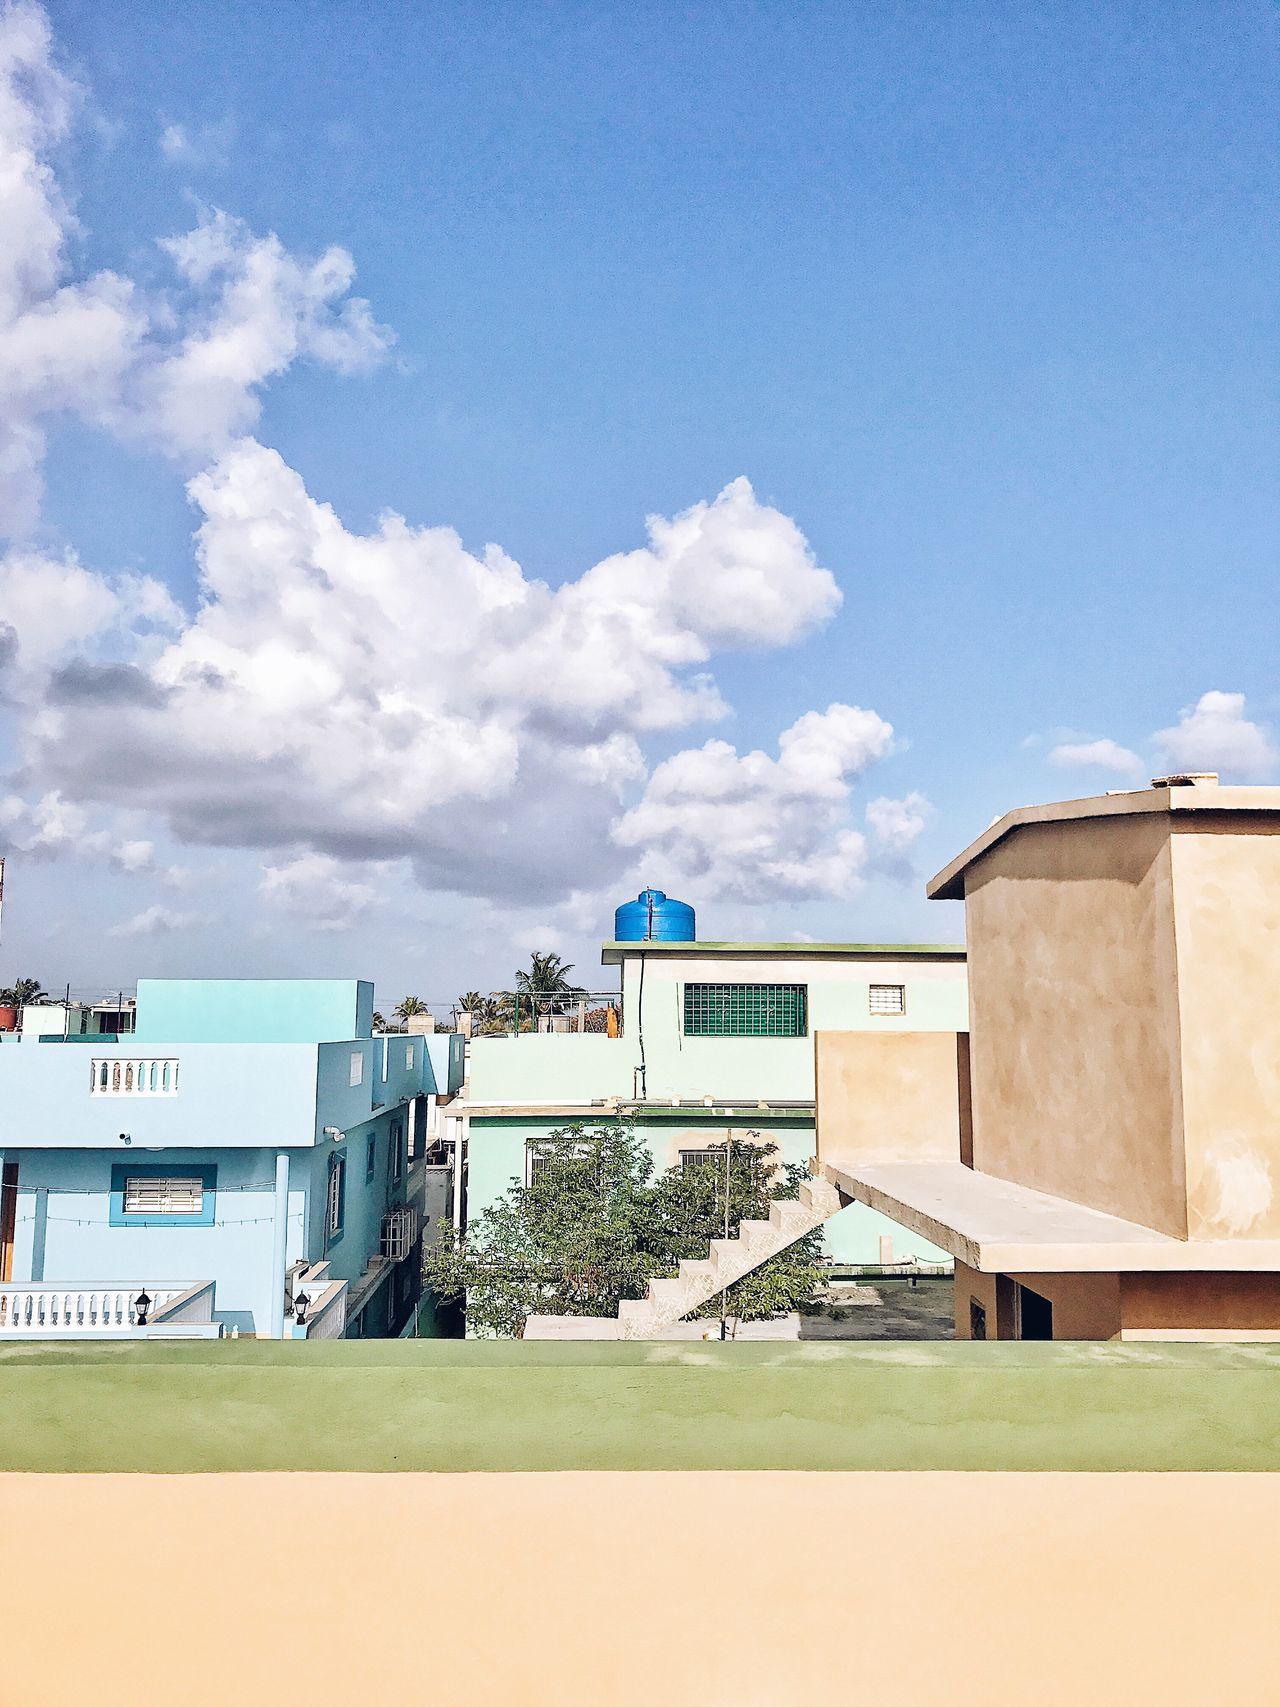 Pastel colors of Boca de Camariorca. Built Structure Architecture Building Exterior Cloud - Sky Sky Blue Cuba Village Small Town Pastel Colors Colored Houses Geometry